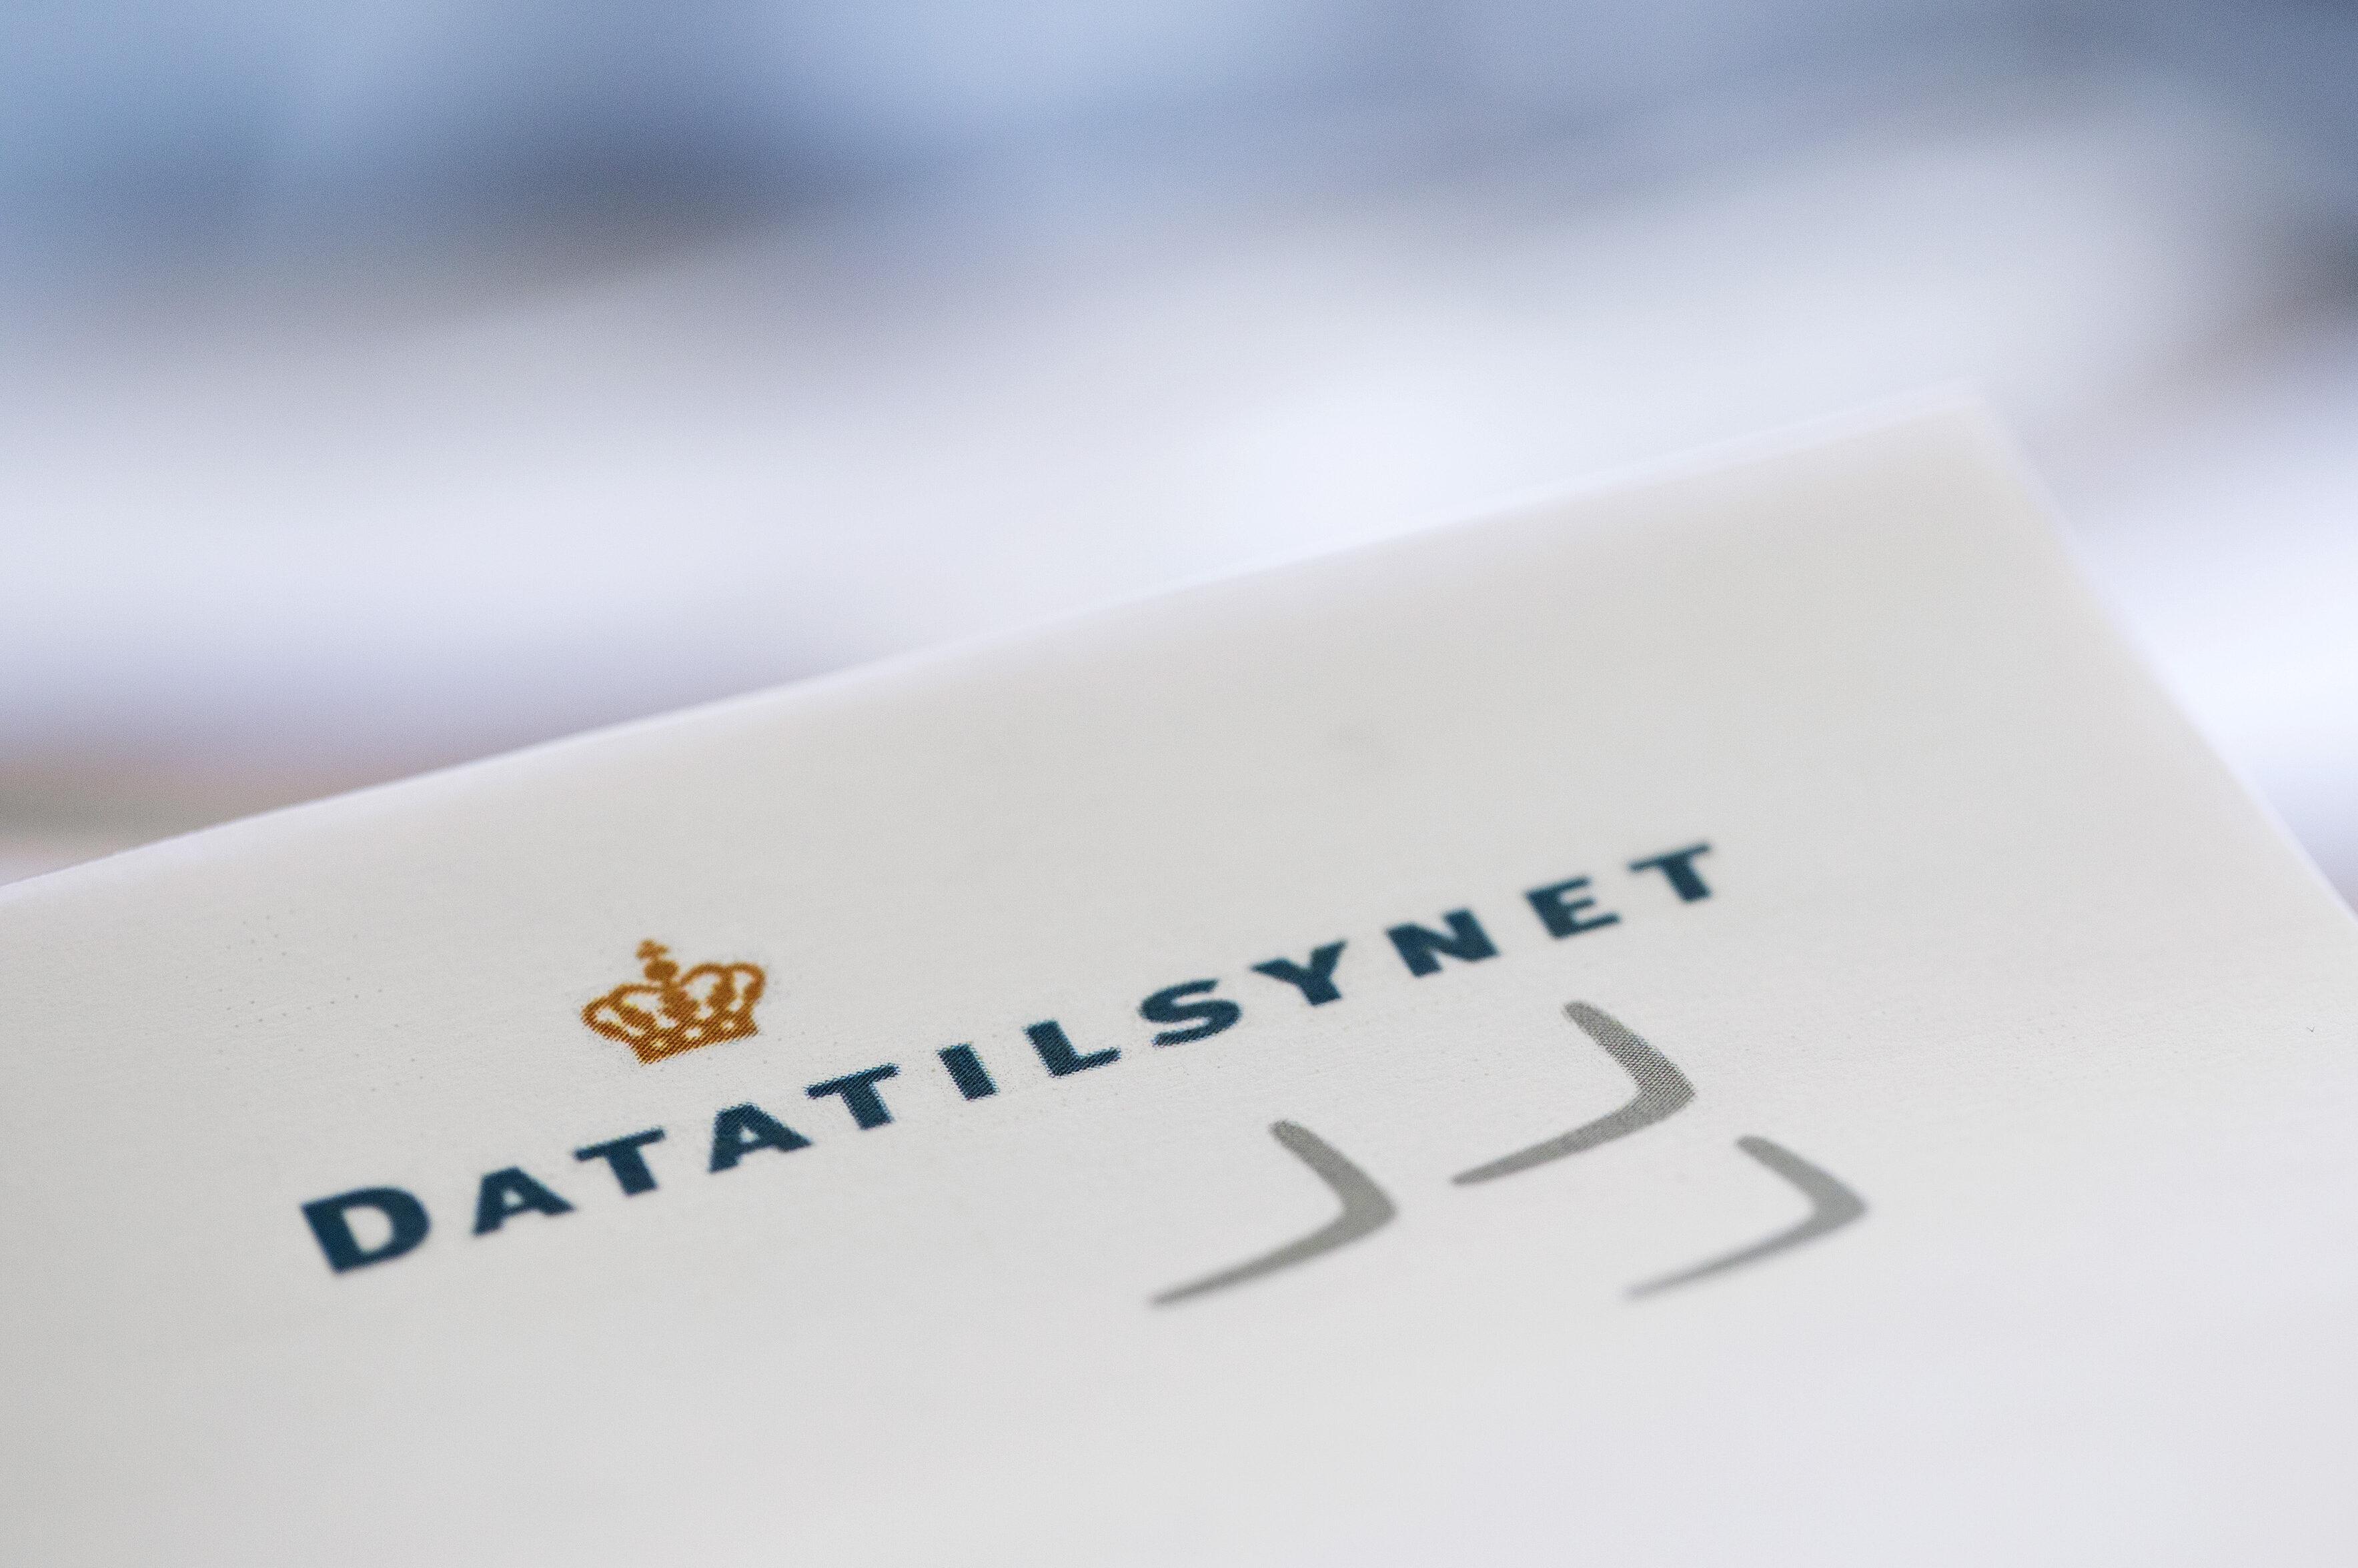 Datatilsynets standarddatabehandleraftale anerkendes i Norge og Sverige